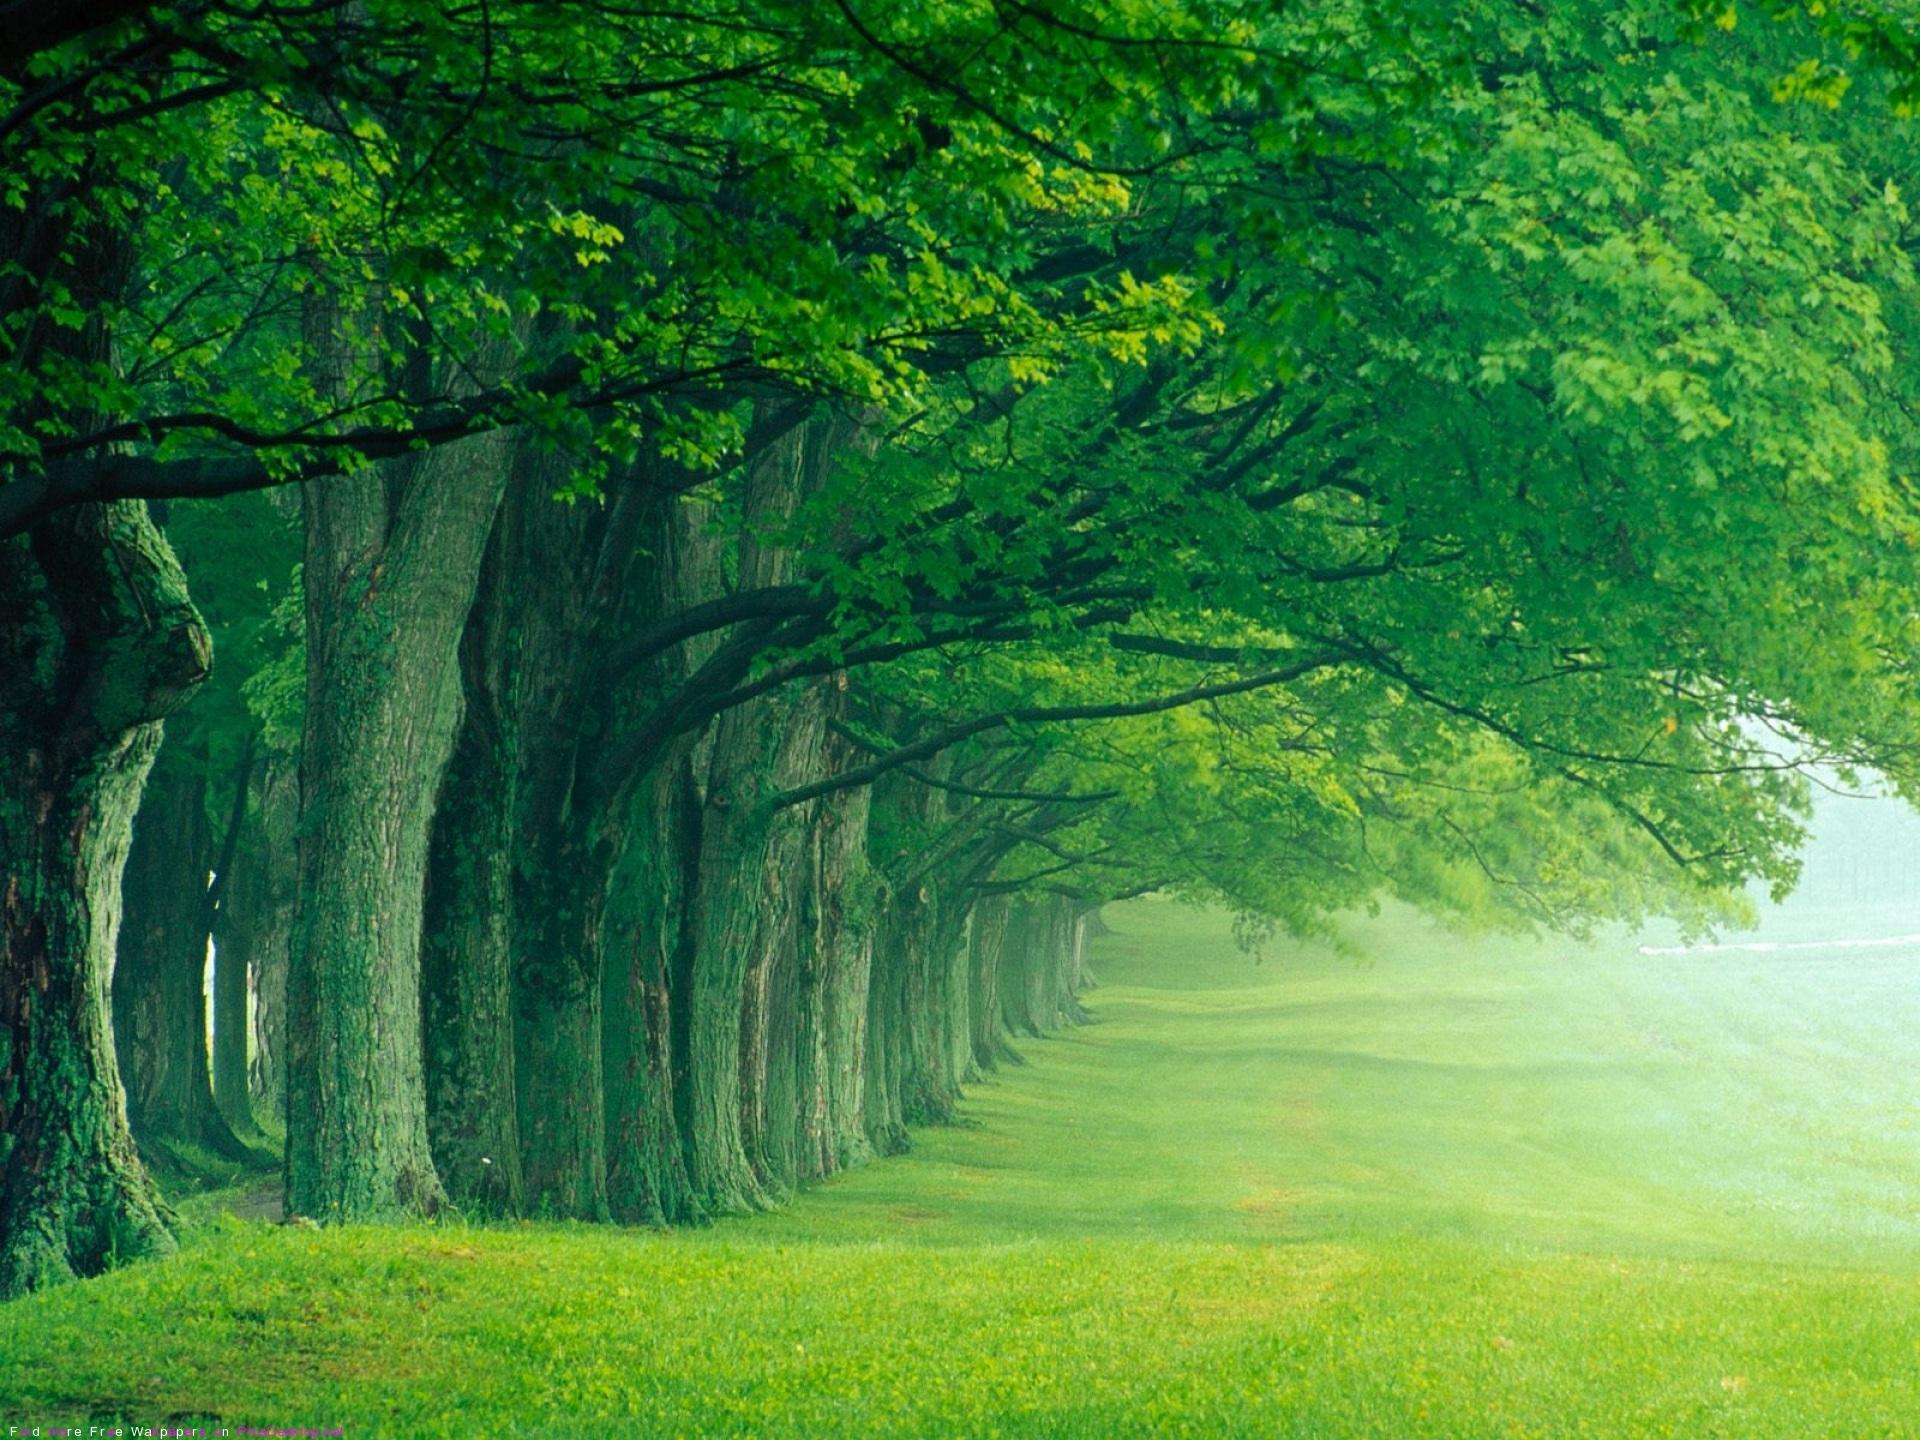 Природа, лето - Красивые Wallpapers обои для рабочего ...: http://picsdesktop.net/summer/1920x1440_PicsDesktop.net_4.jpg.htm